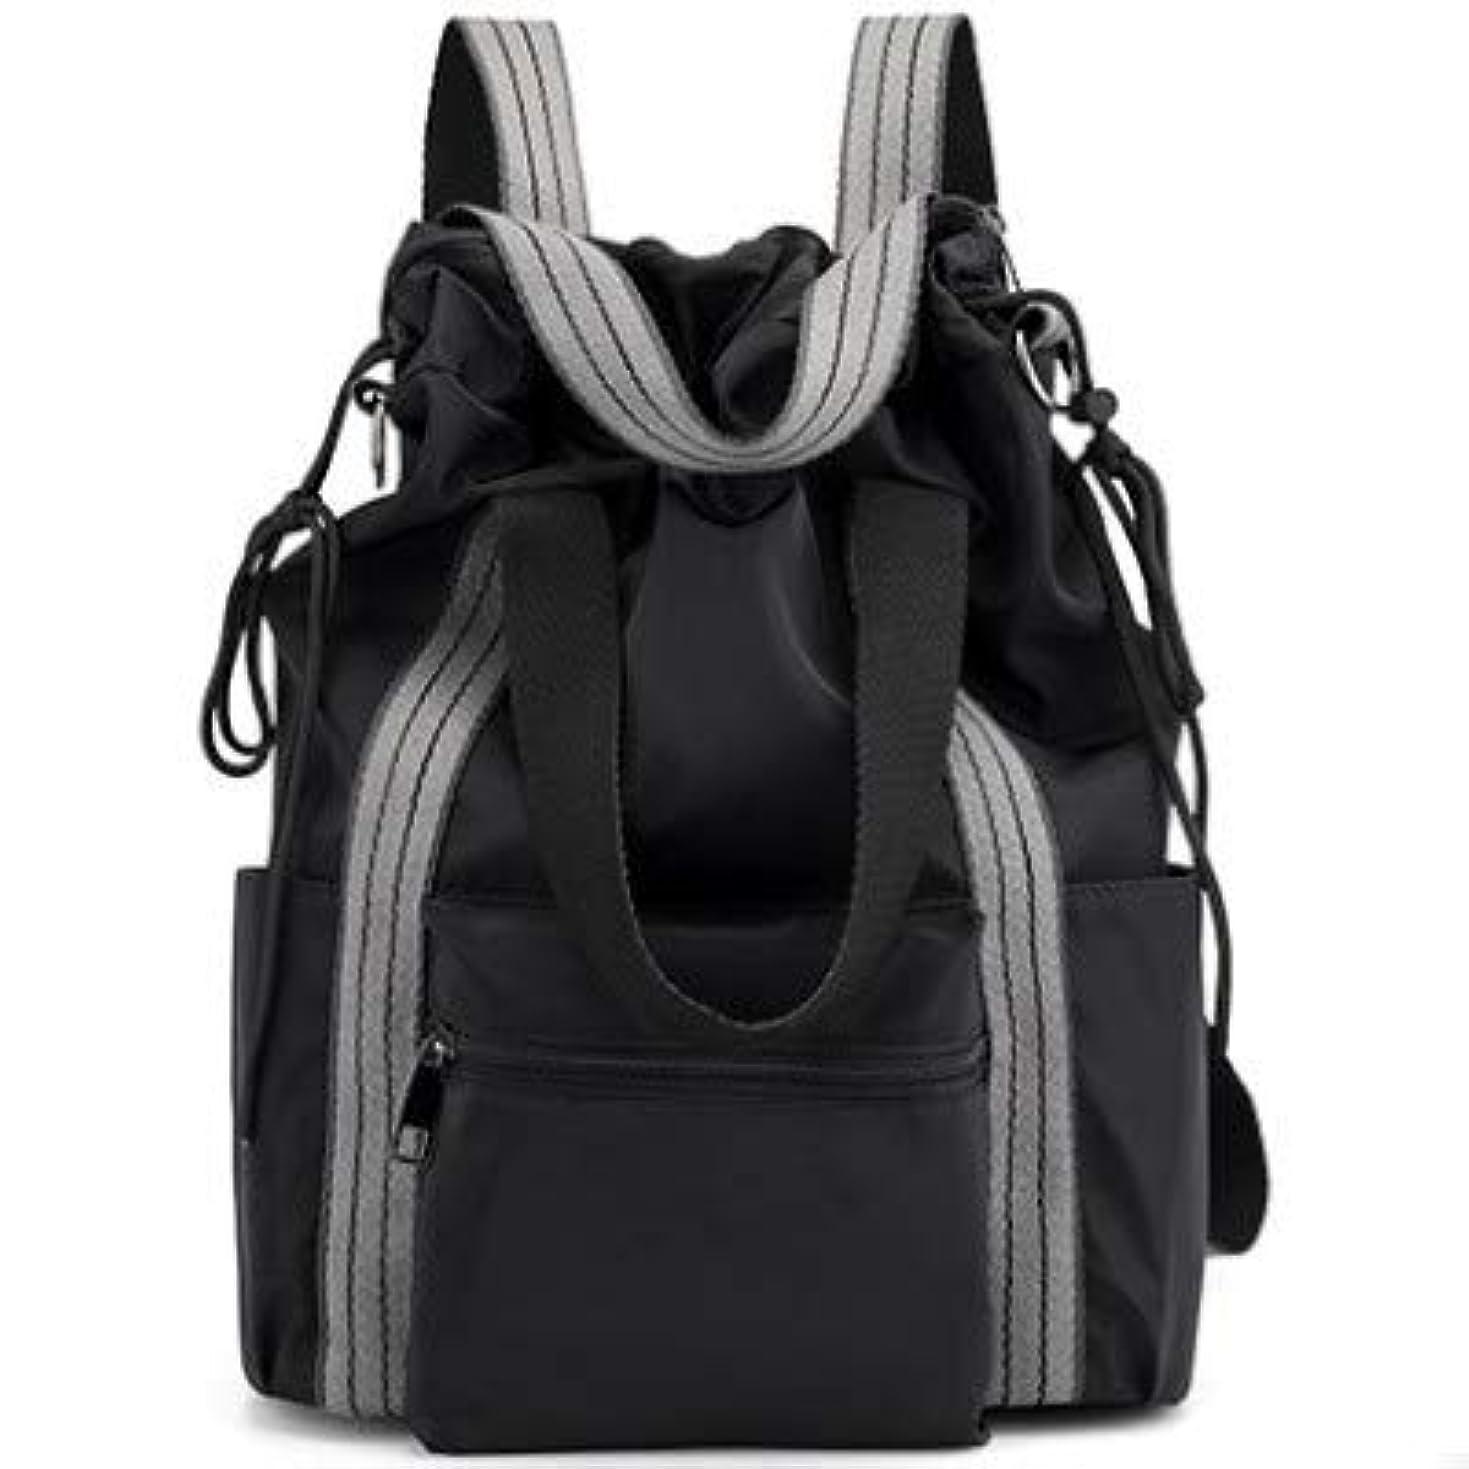 いじめっ子自発的白菜[GEM] ジェム マザーズバッグ ママバッグ トートバッグ レディース 斜め掛け リュック バックパック 大容量 多機能 3way シンプル カジュアル バッグ